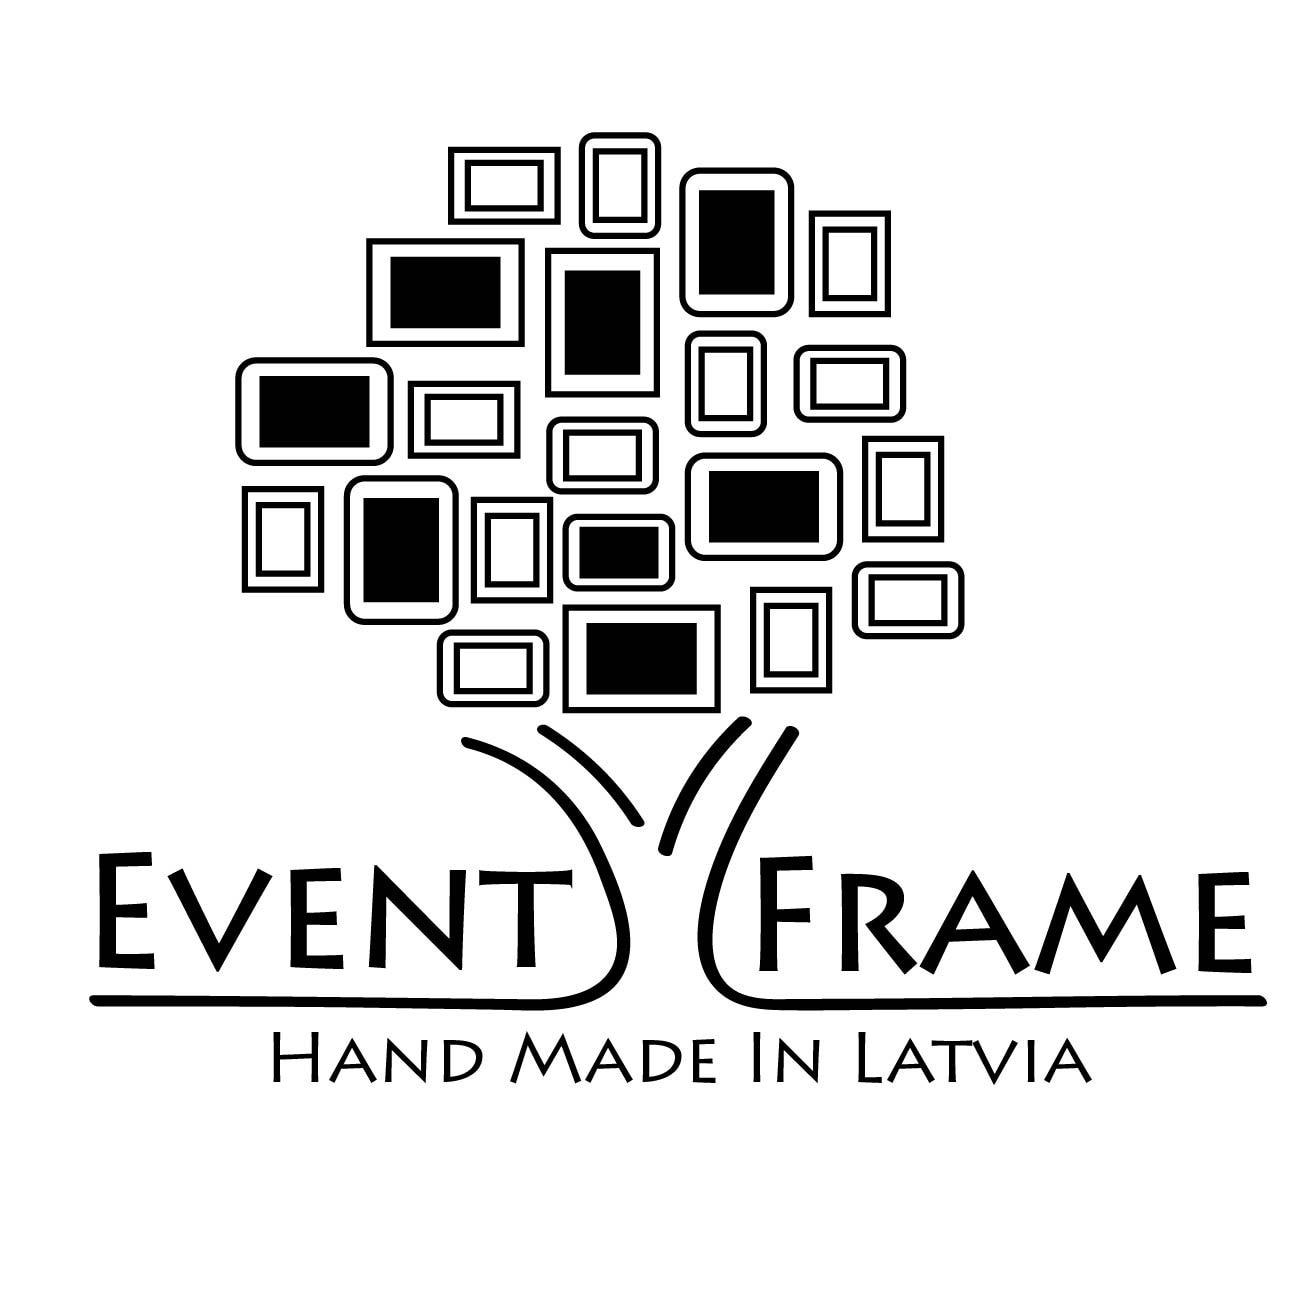 Handgefertigte hochwertige Hölzerne Bilderrahmen von EventFrame